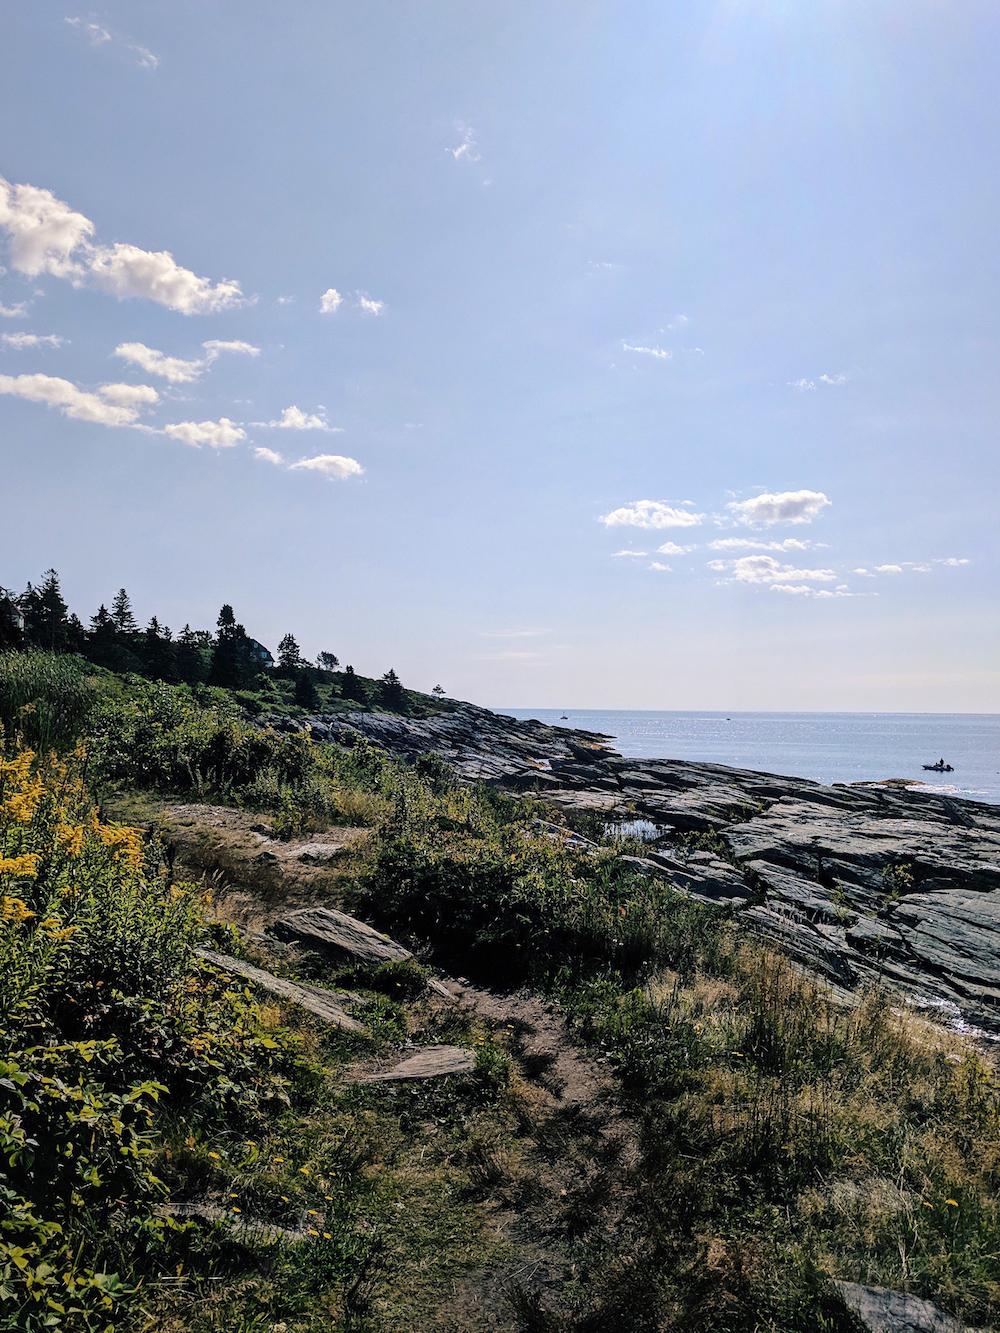 Cliff Walk, Prout's Neck, ME